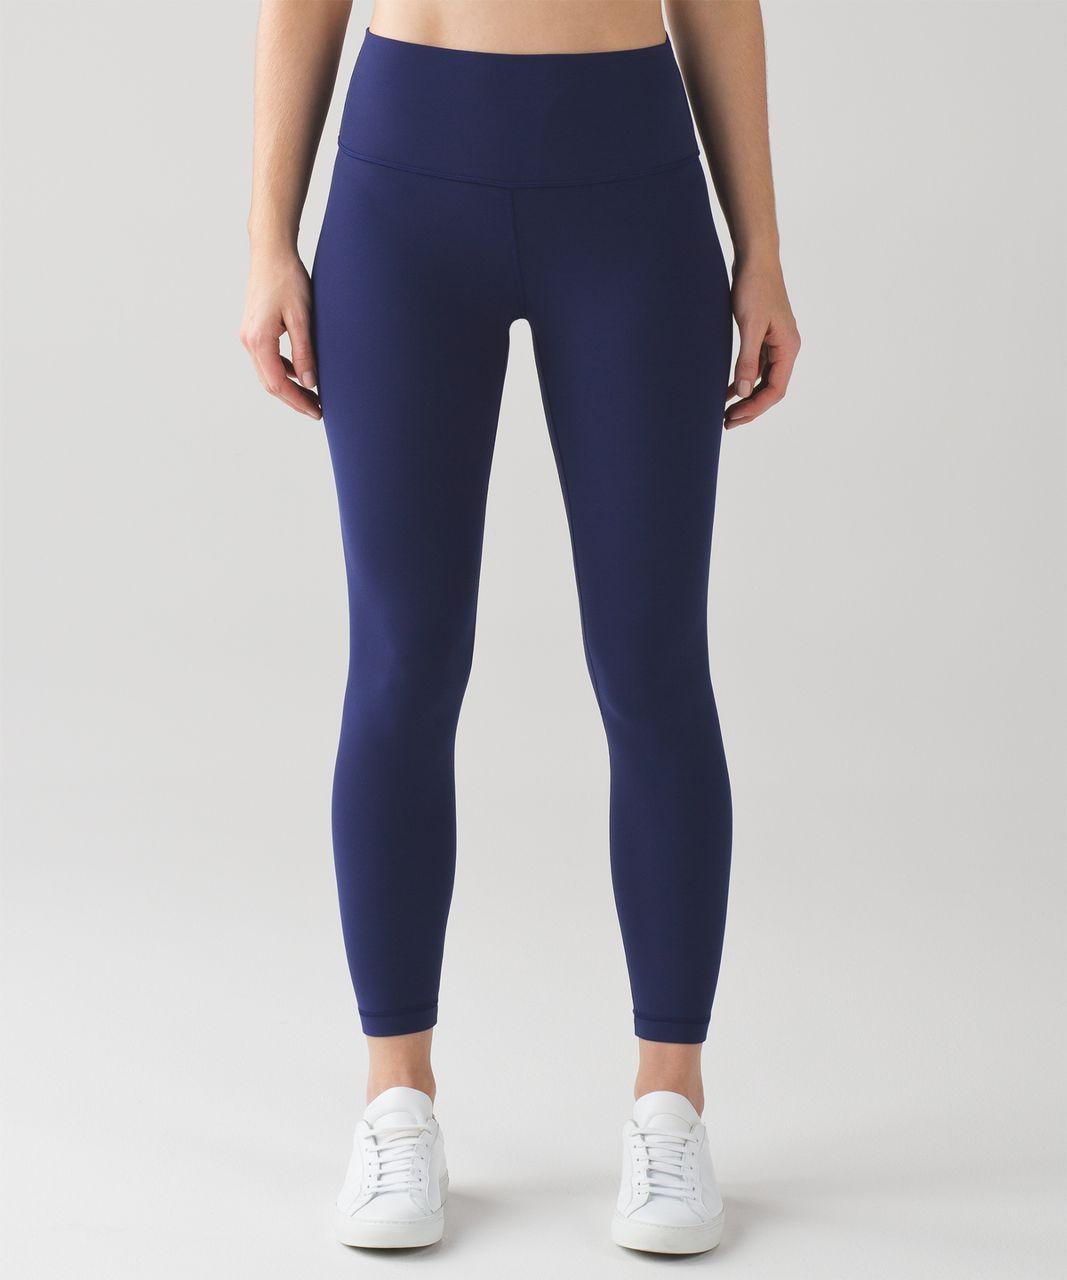 Lululemon Align Pant II - Hero Blue